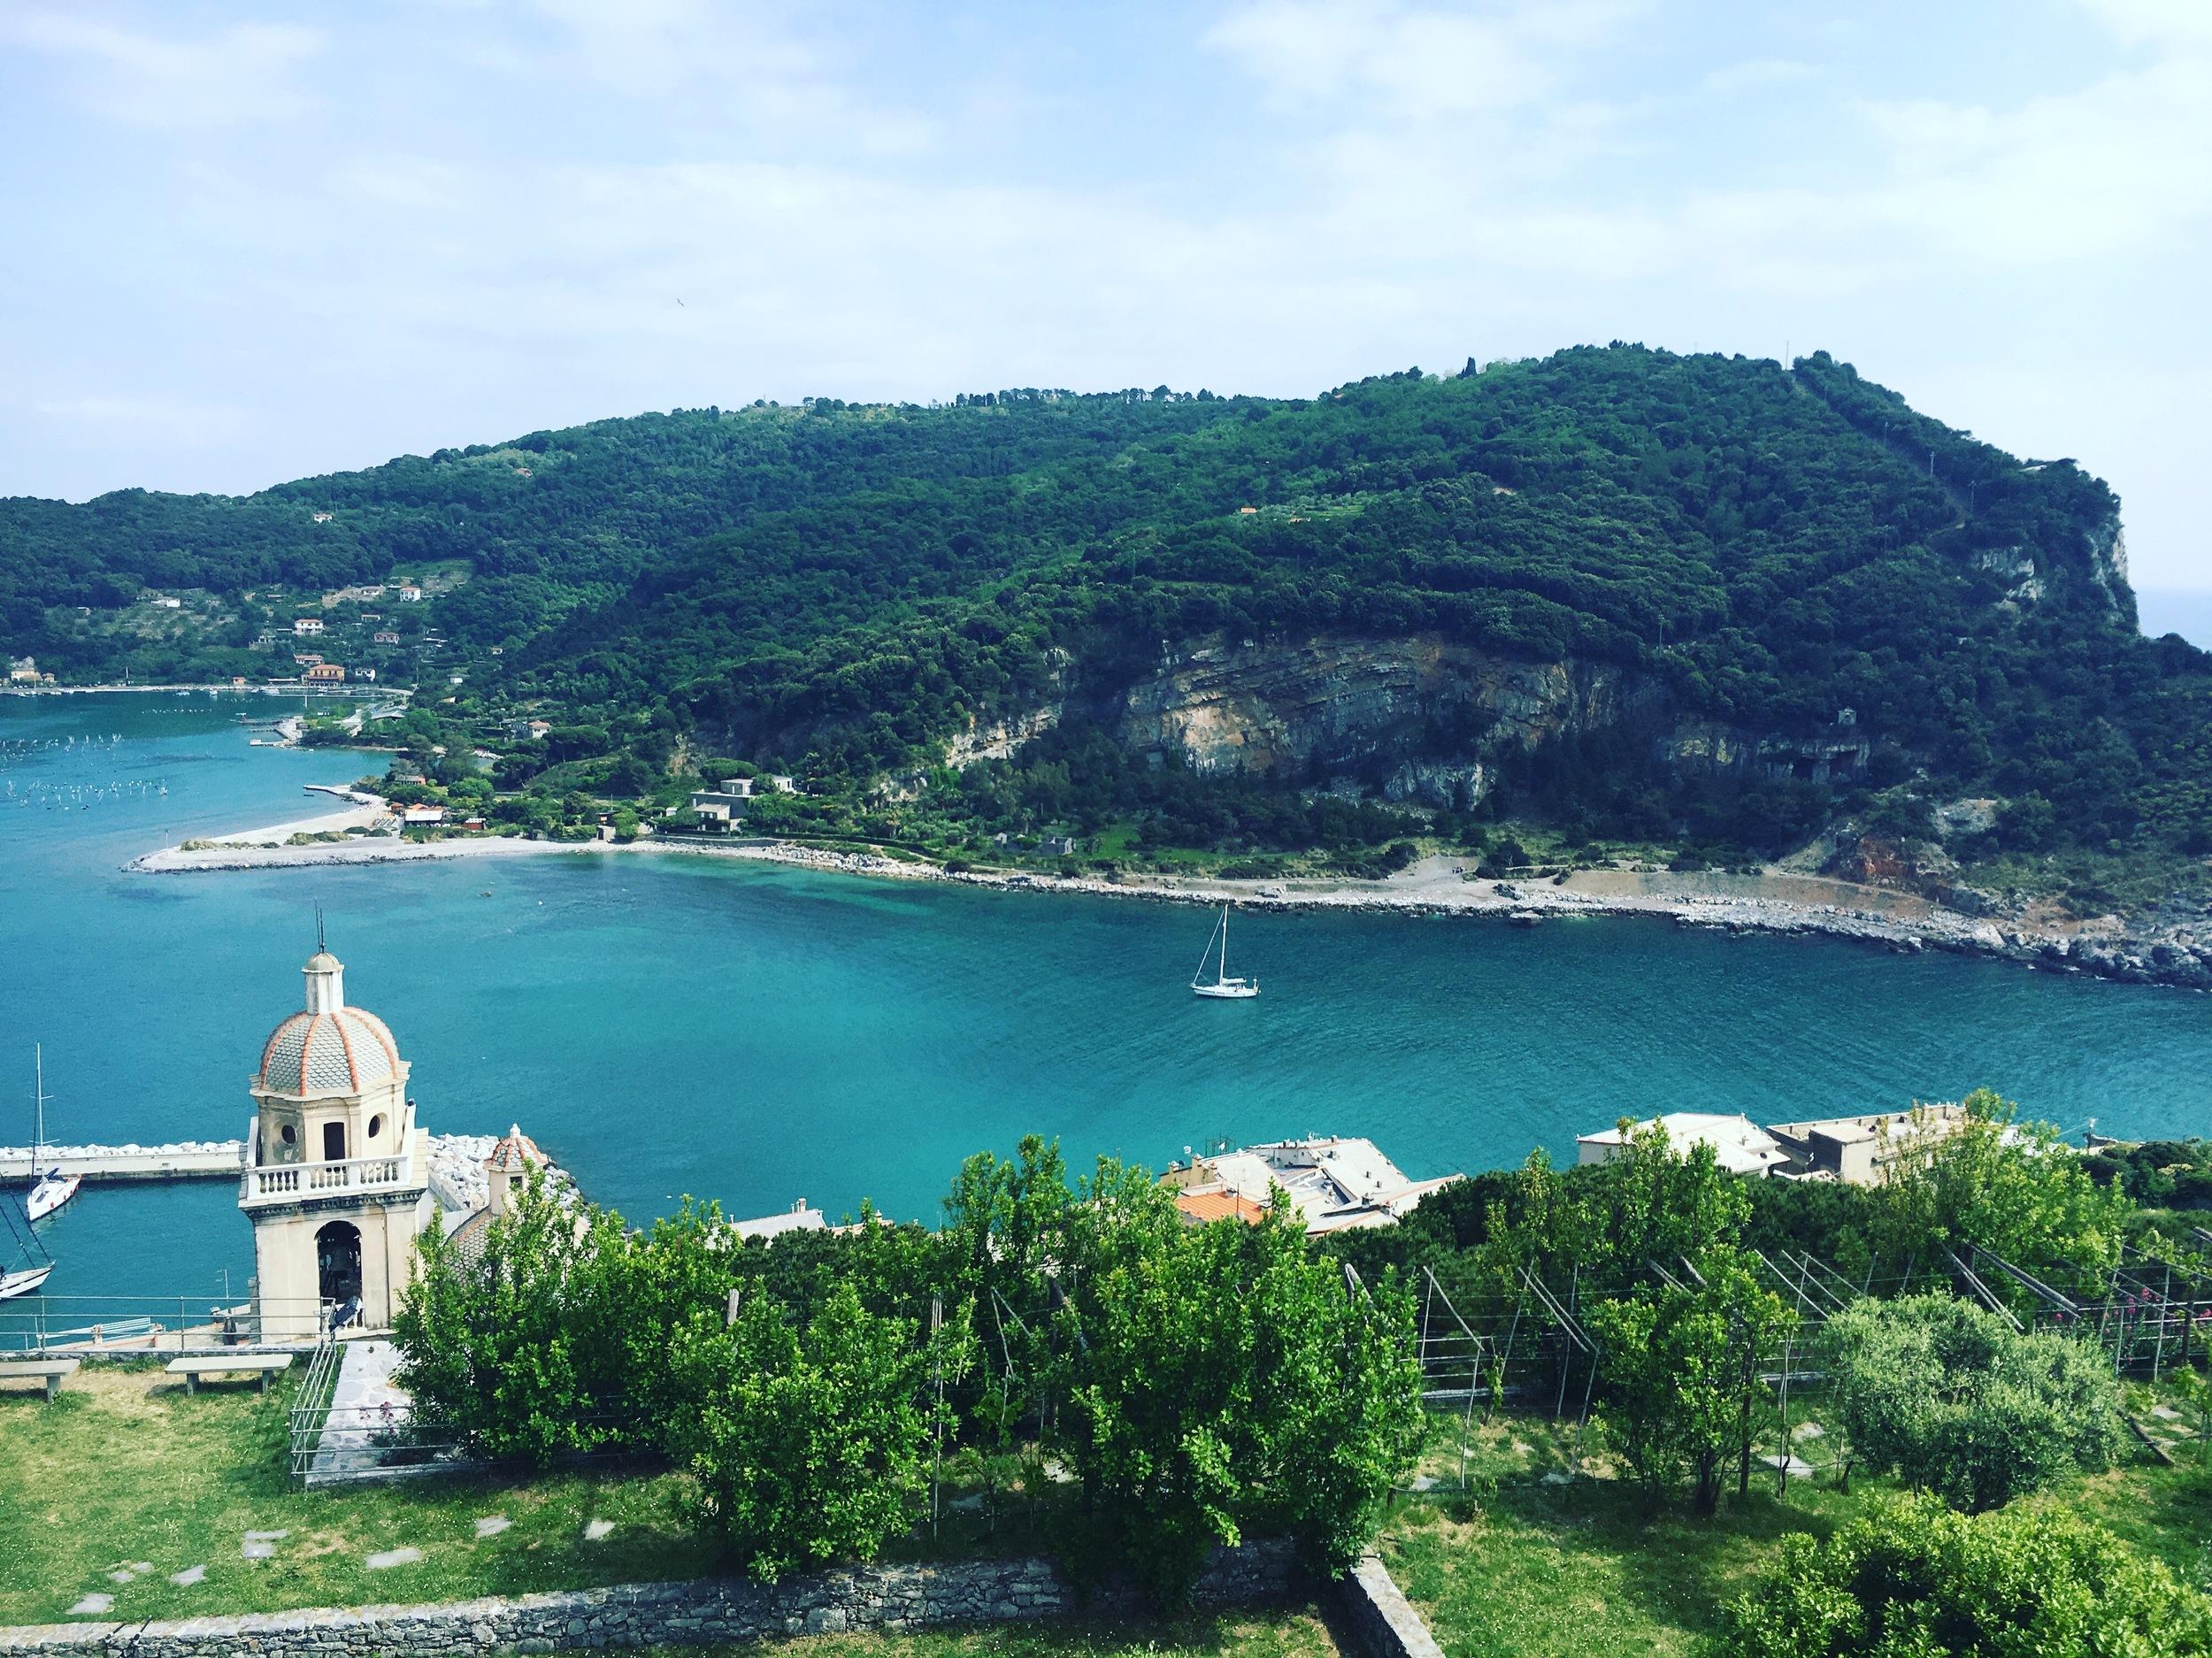 The view from Castello Doria